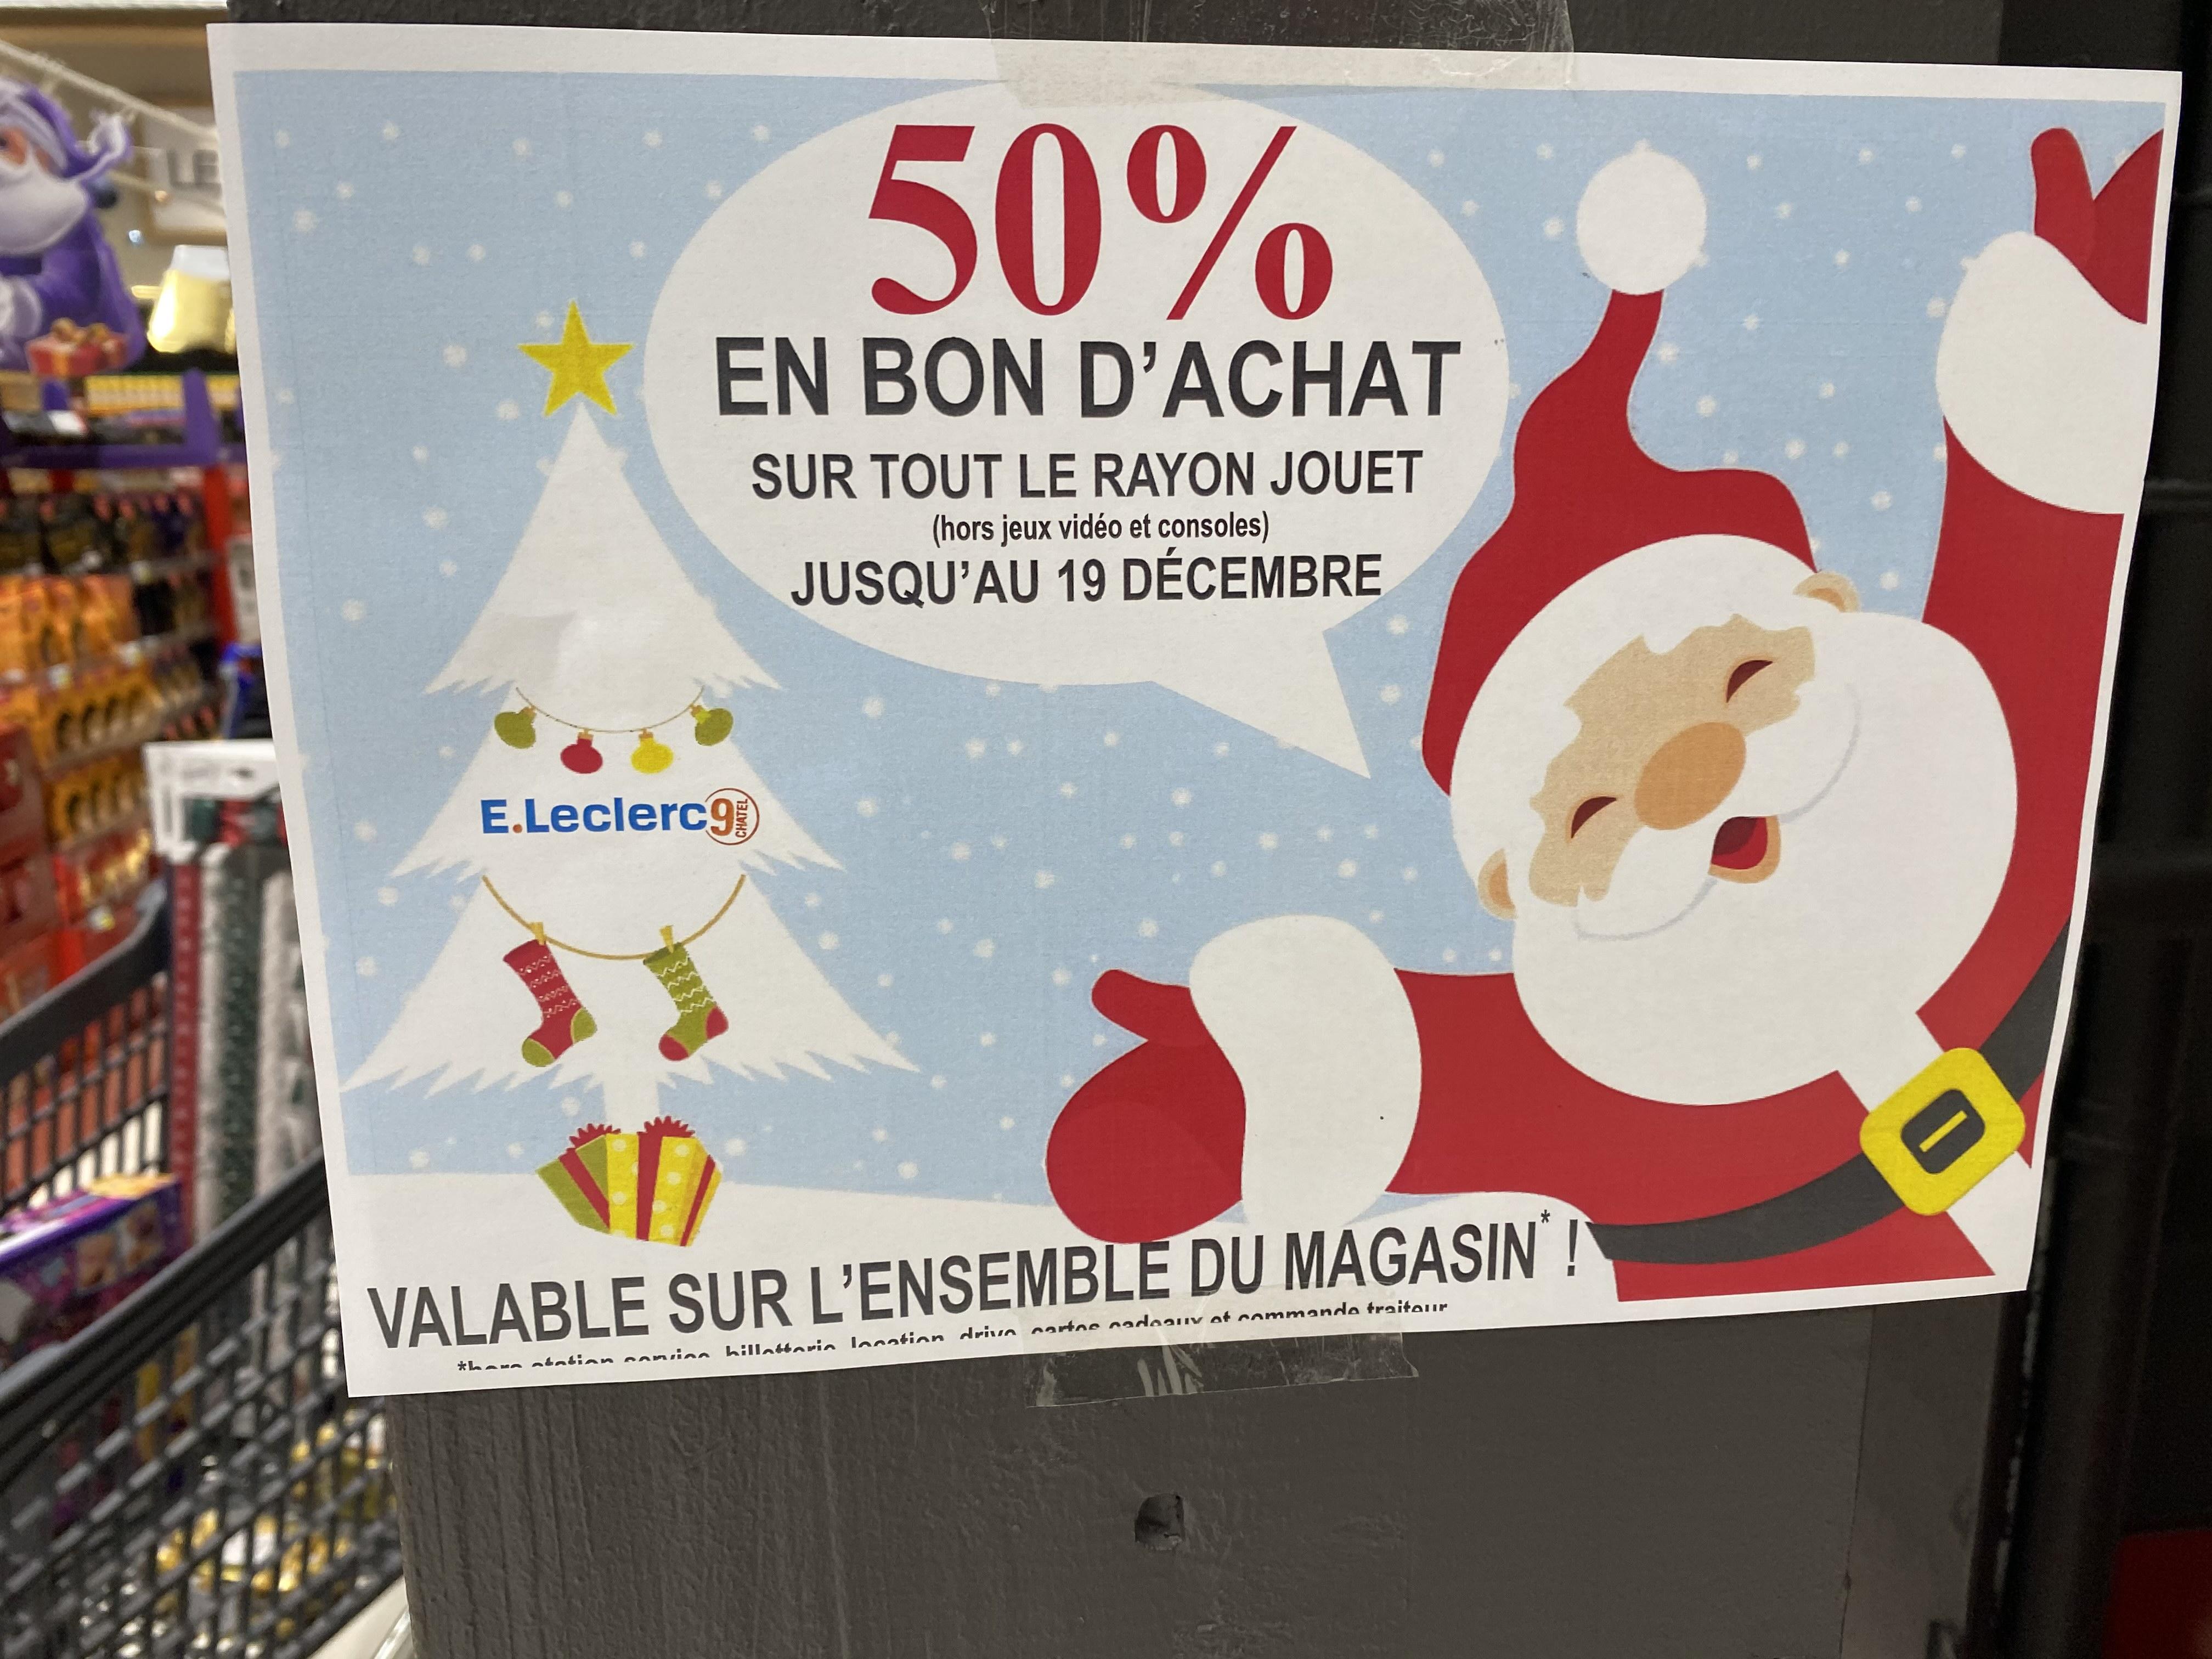 50% de réduction via la carte fidélité sur tout le rayon jouets - Neufchâtel-en-Bray (76)